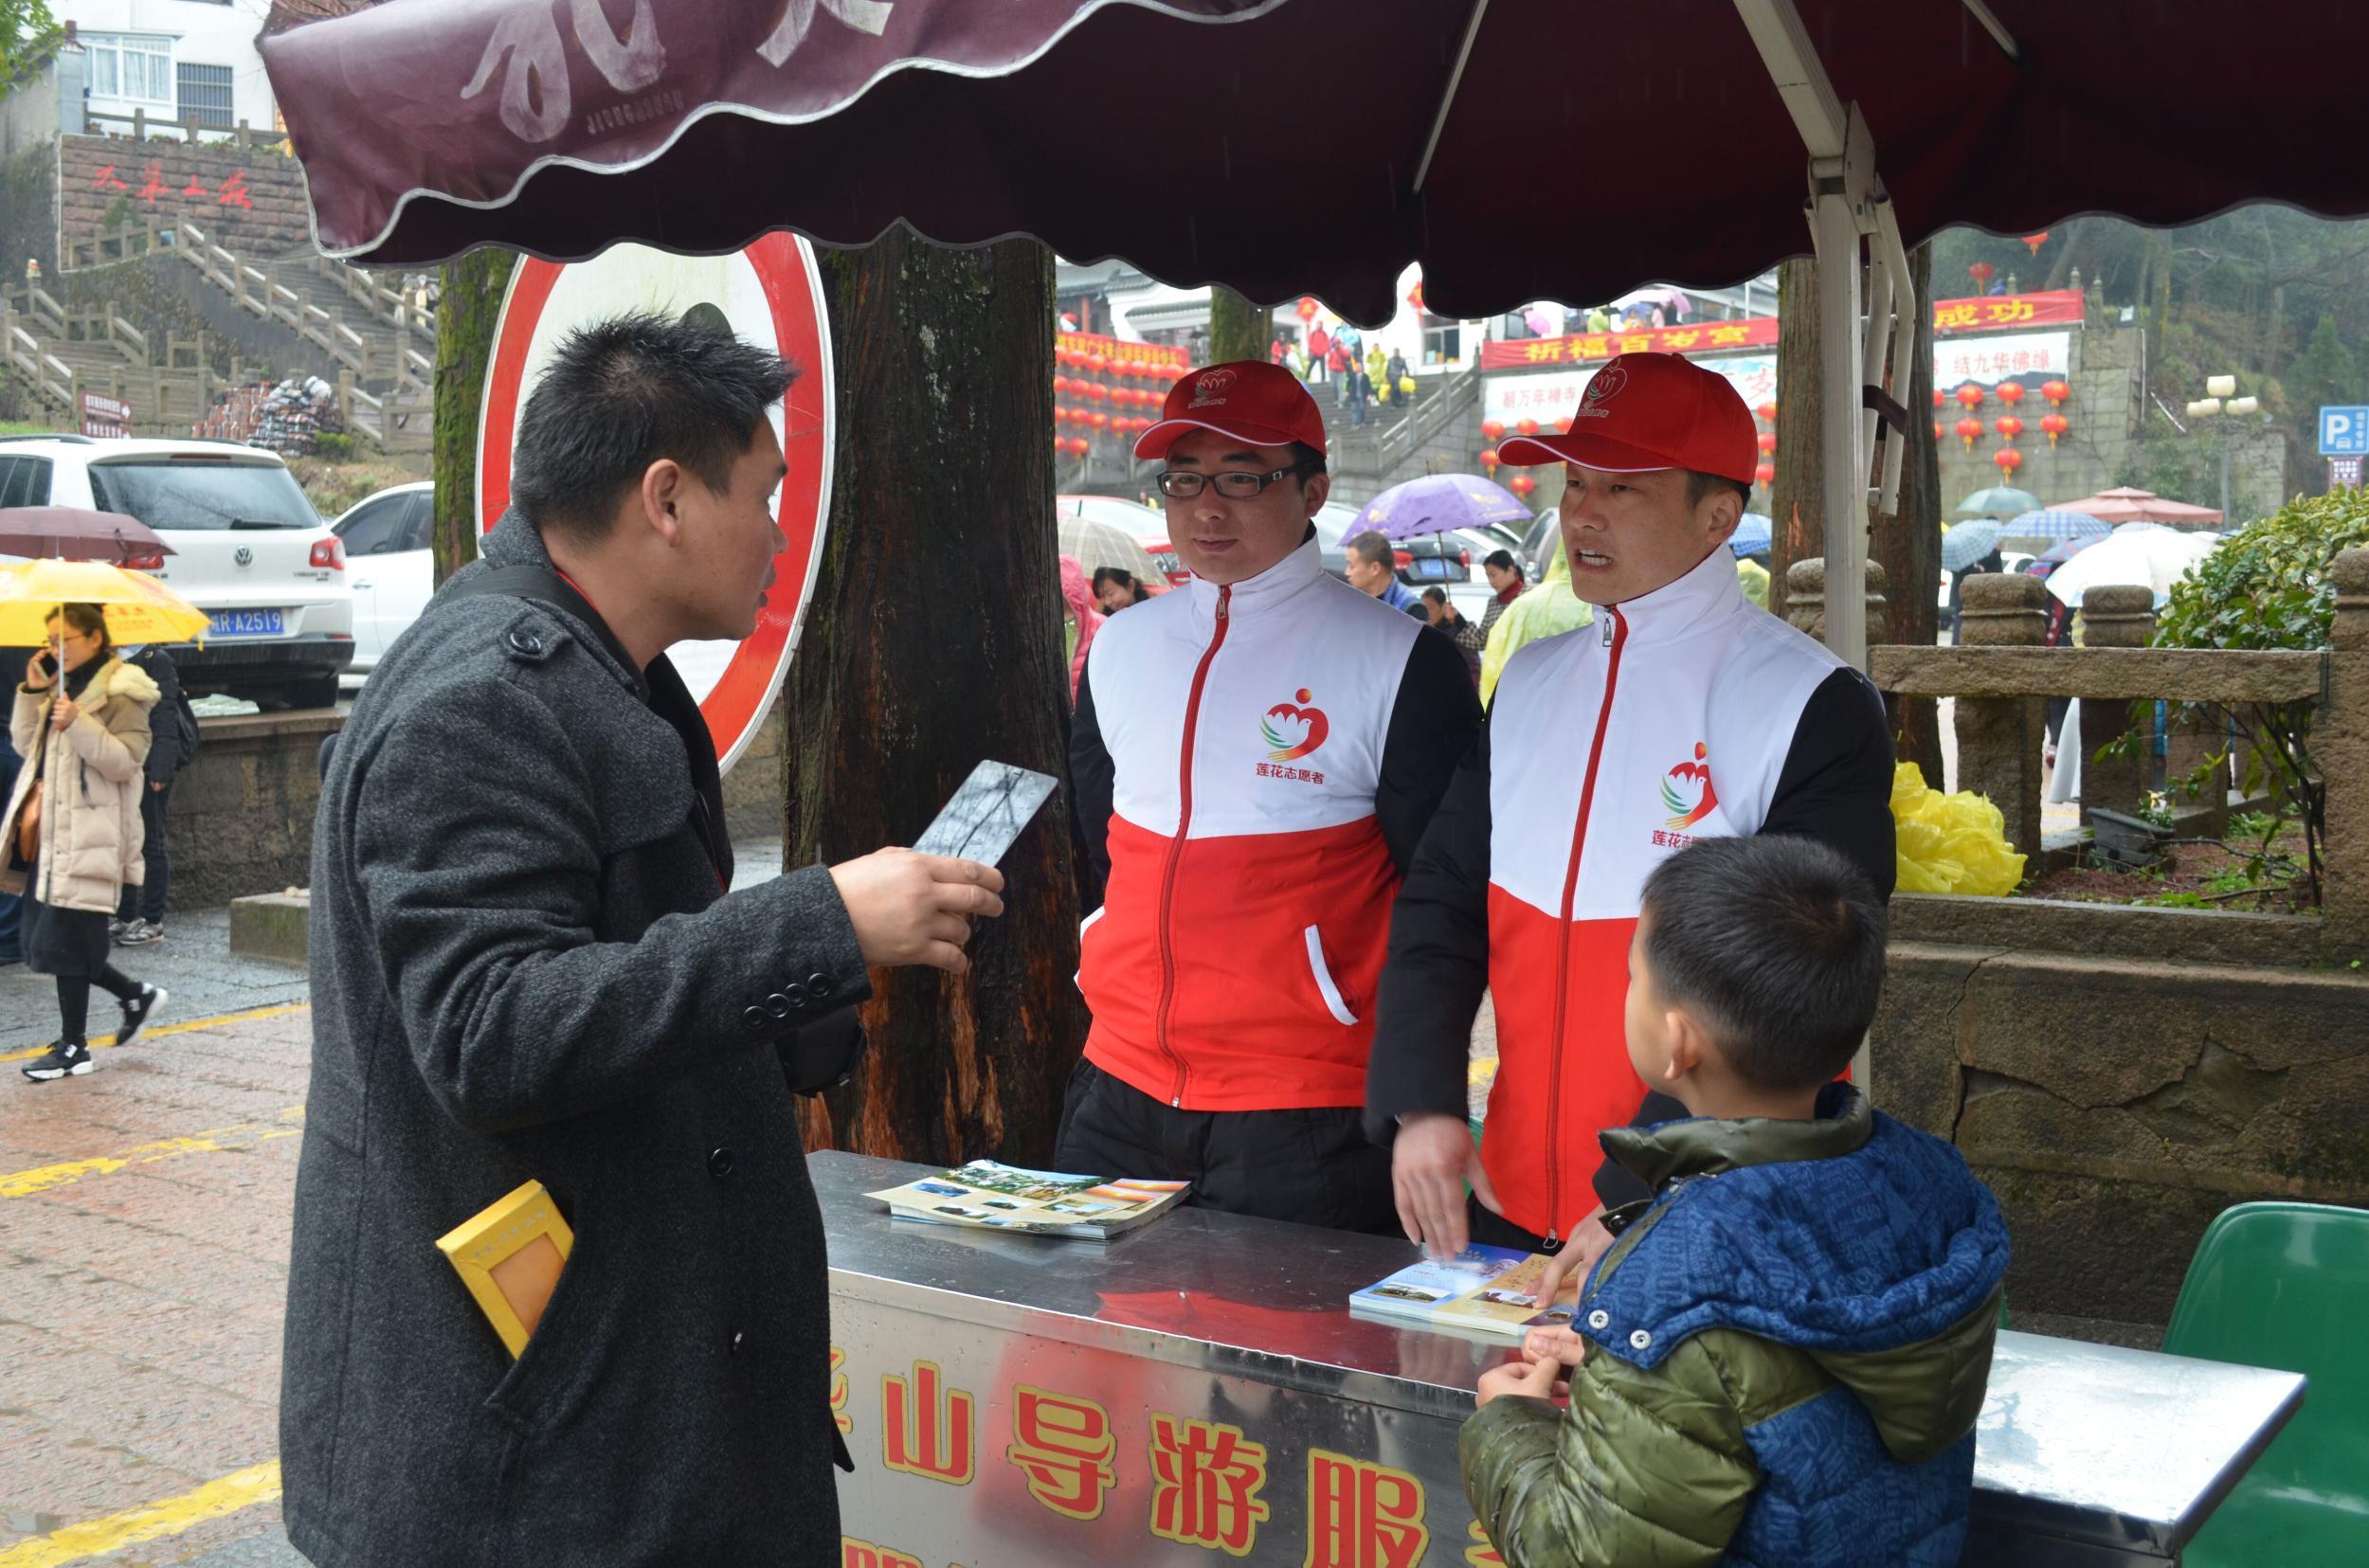 九华山百名志愿者服务游客 劝导春节文明游